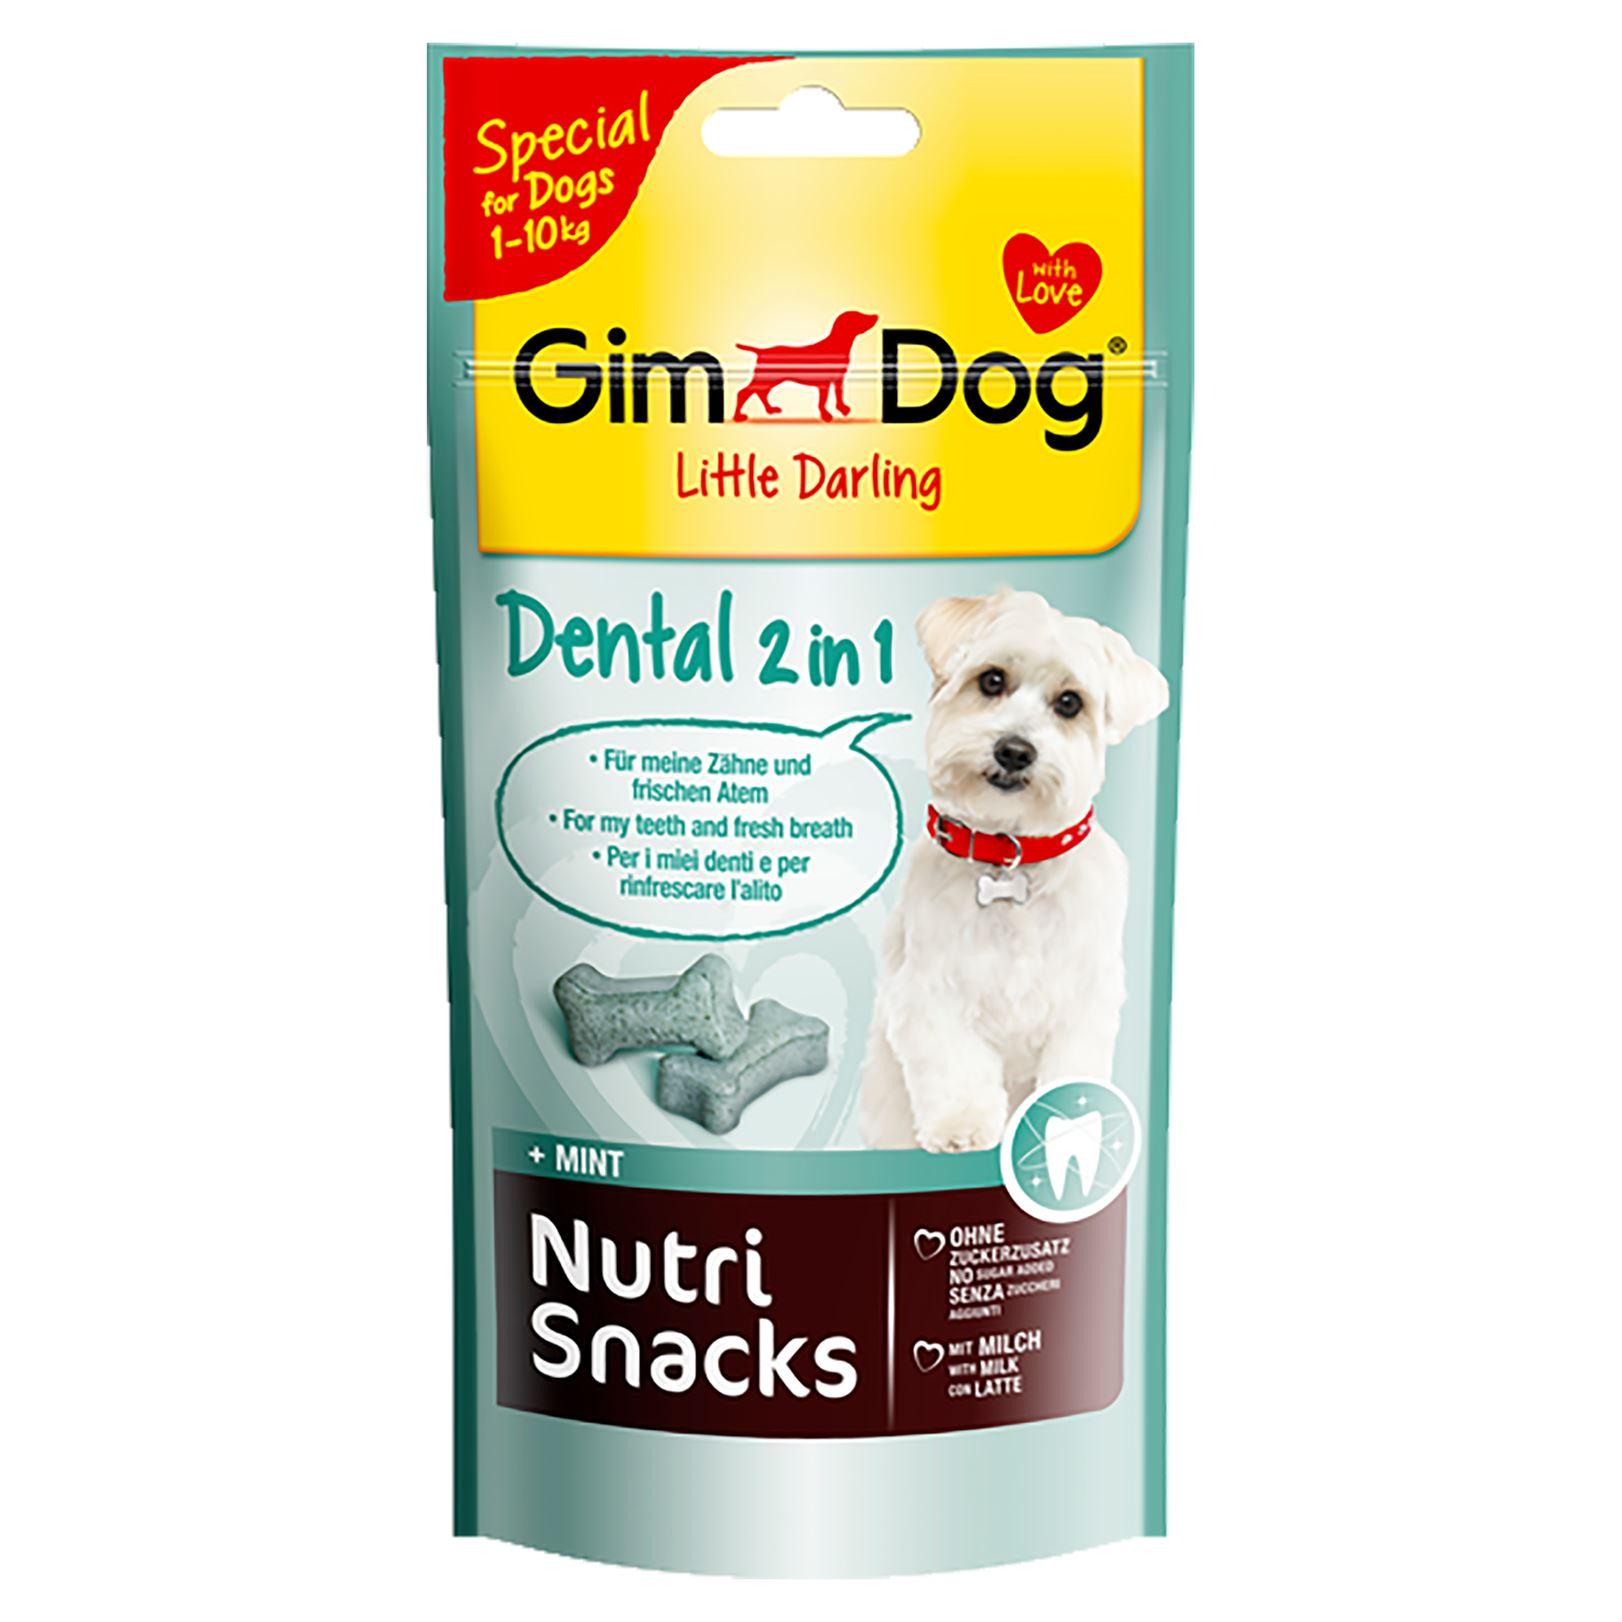 Косточки для собак весом до 10 кг. Gimdog Nutri Snacks Dental 2in1 для очищения зубов